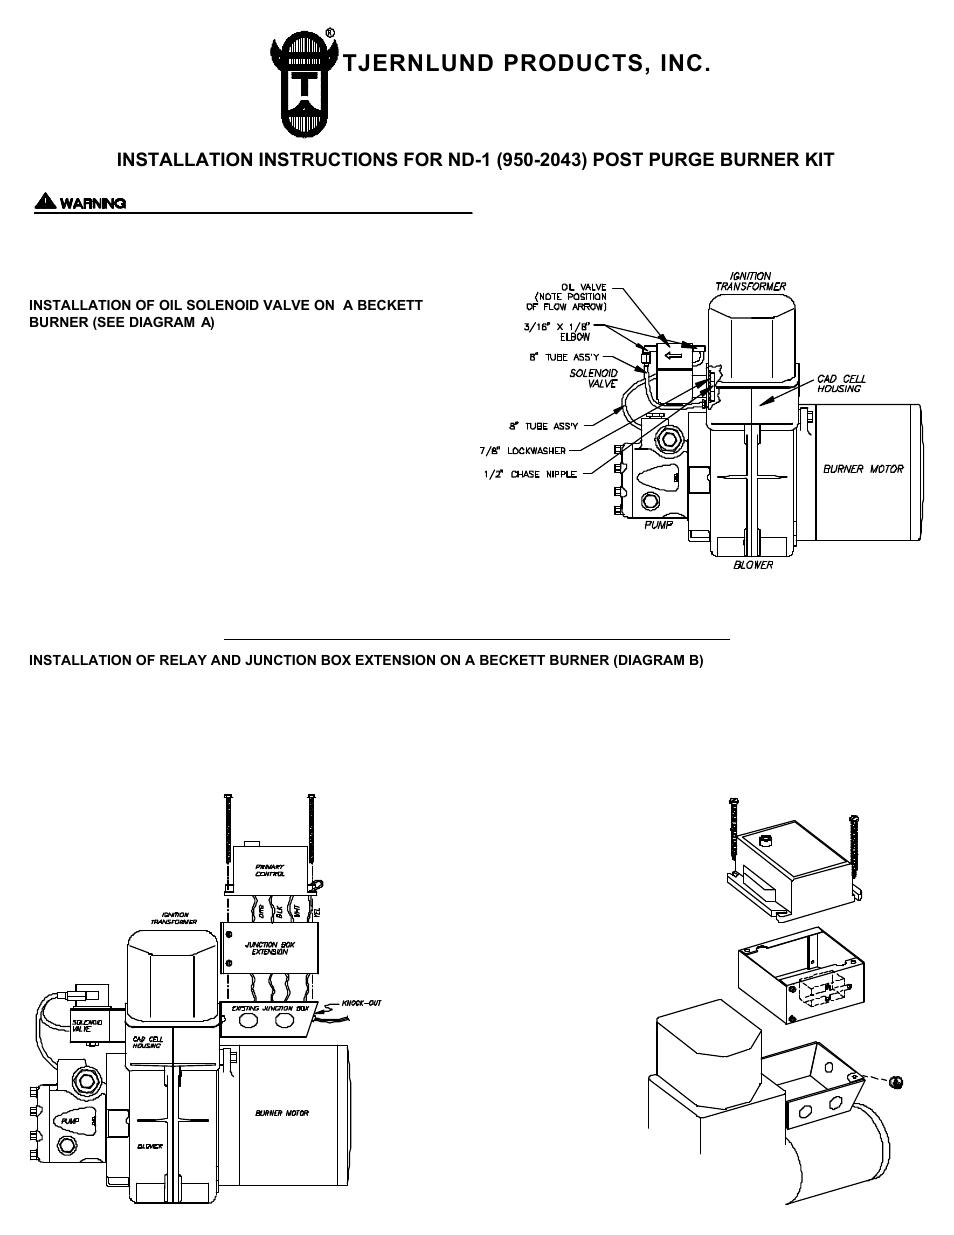 Tjernlund 950-2043 ND-1 Post Purge Burner Kit 8504004 Rev 0196 User on beckett afg burner transformer, webster transformer, test on oil burner transformer, fuel oil burner transformer, beckett oil burner transformer,